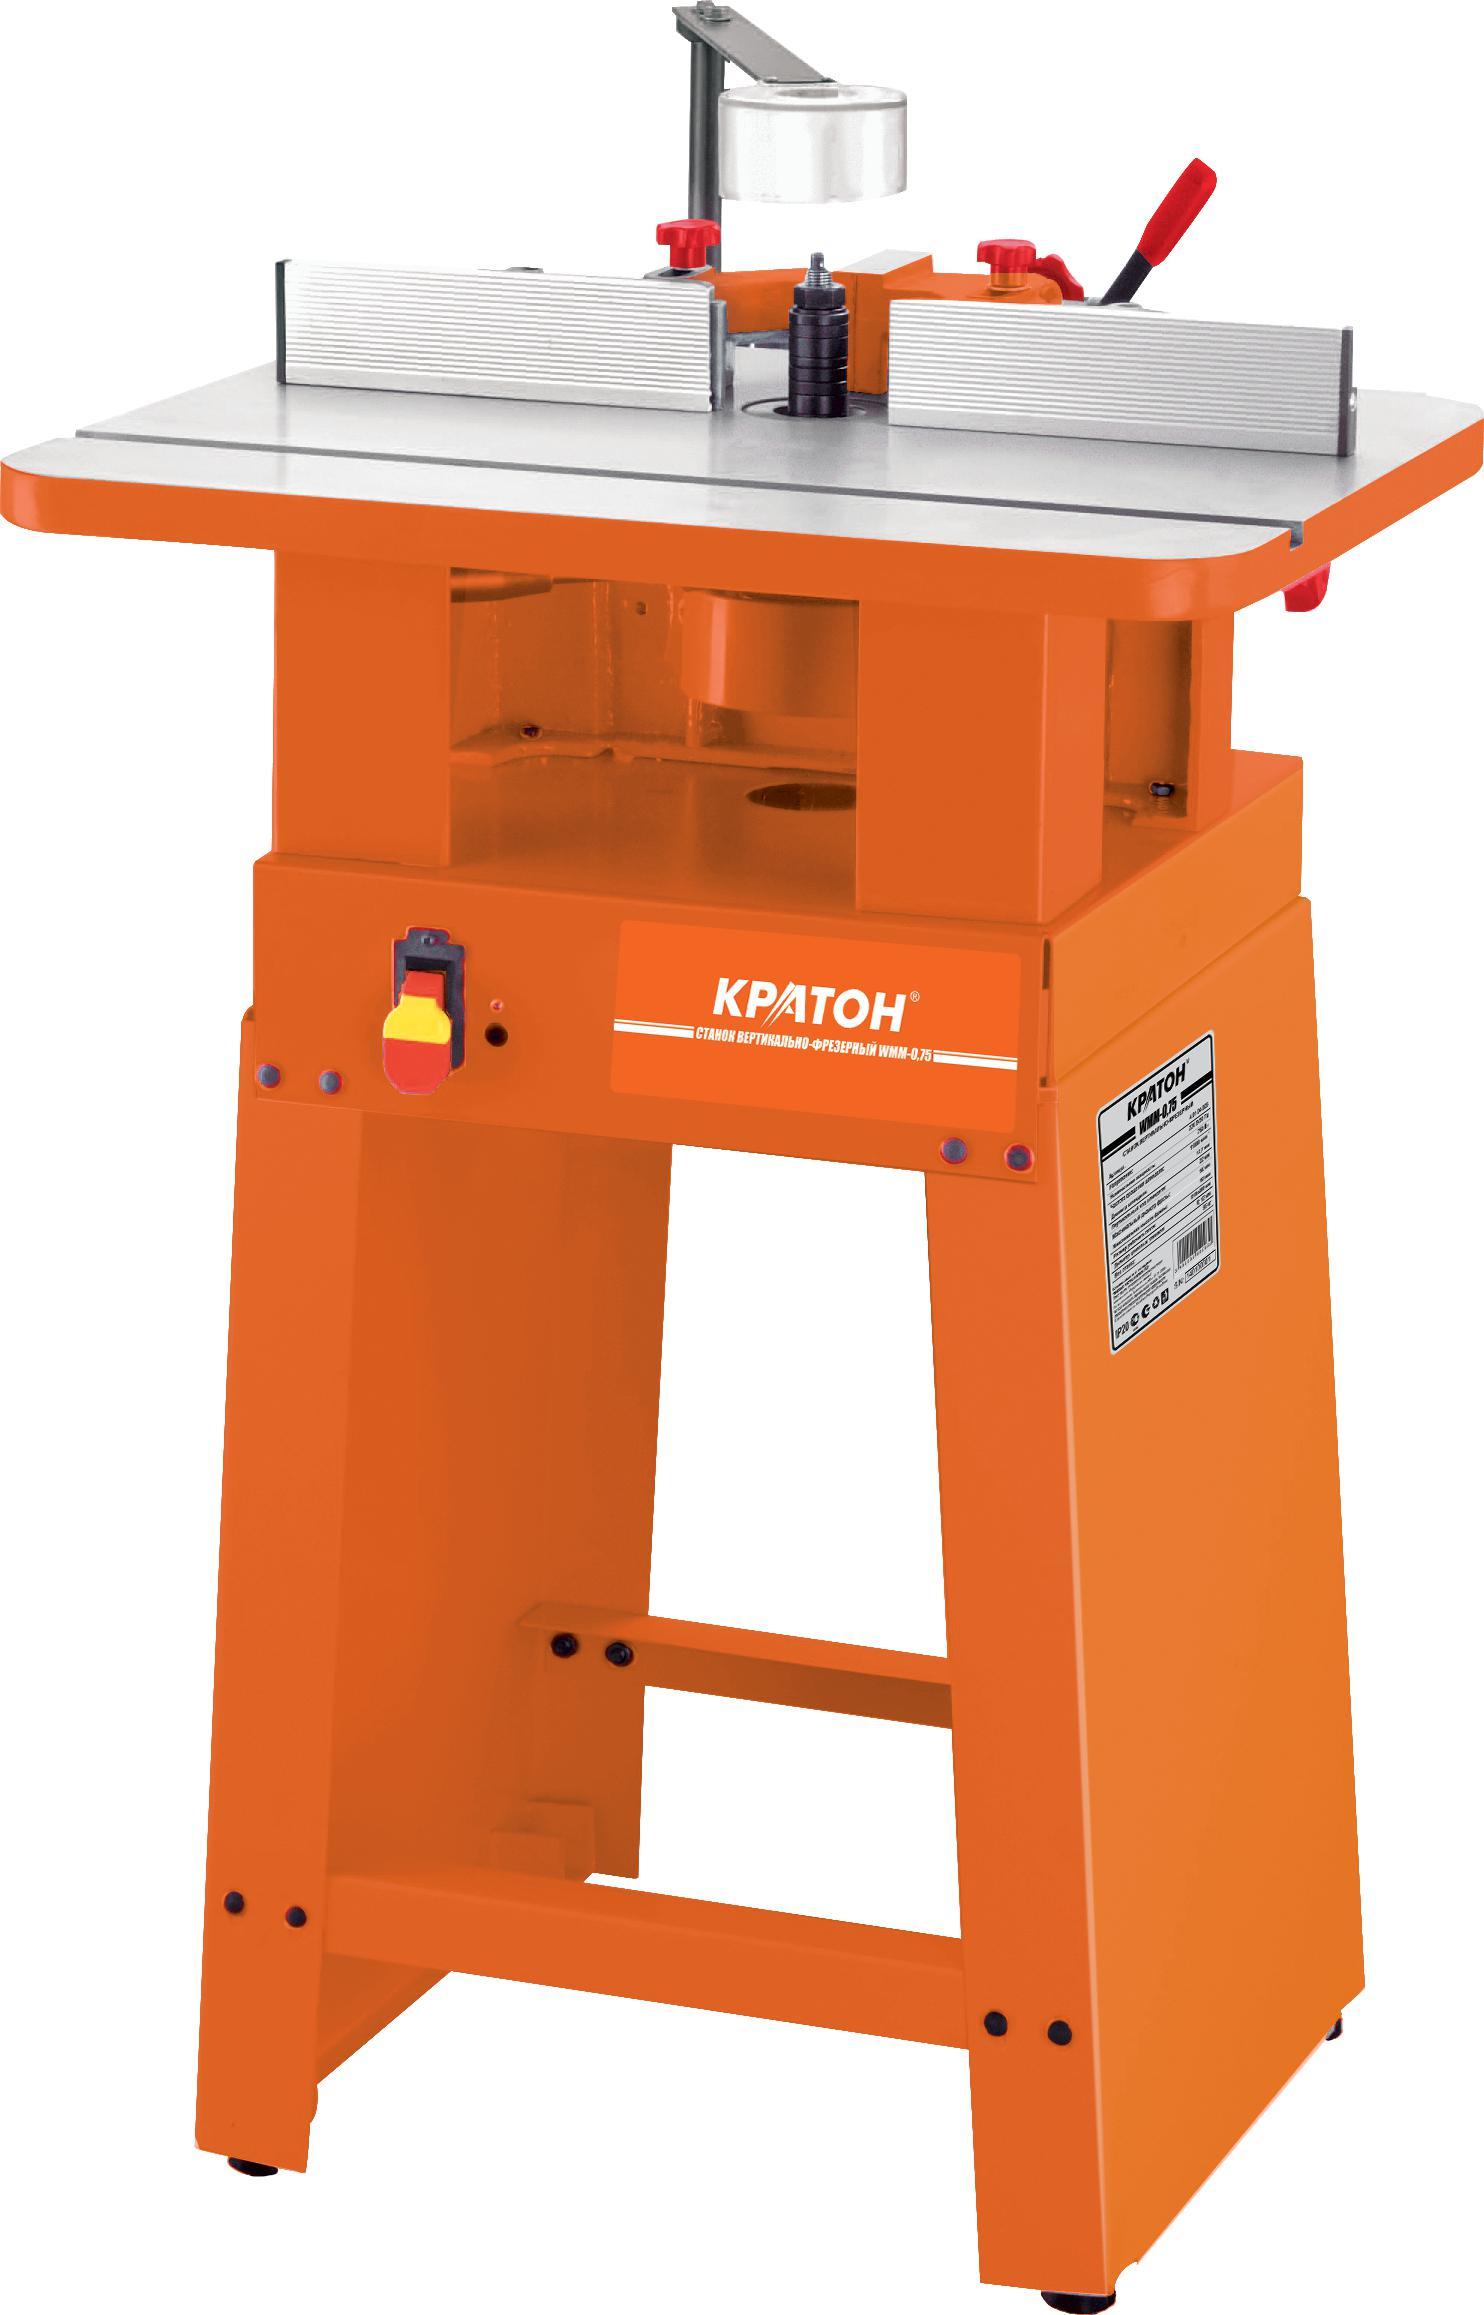 Станок вертикально-фрезерный КРАТОН Wmm-0,75 вертикально-фрезерный купить 675 фрезерный станок в ирпене